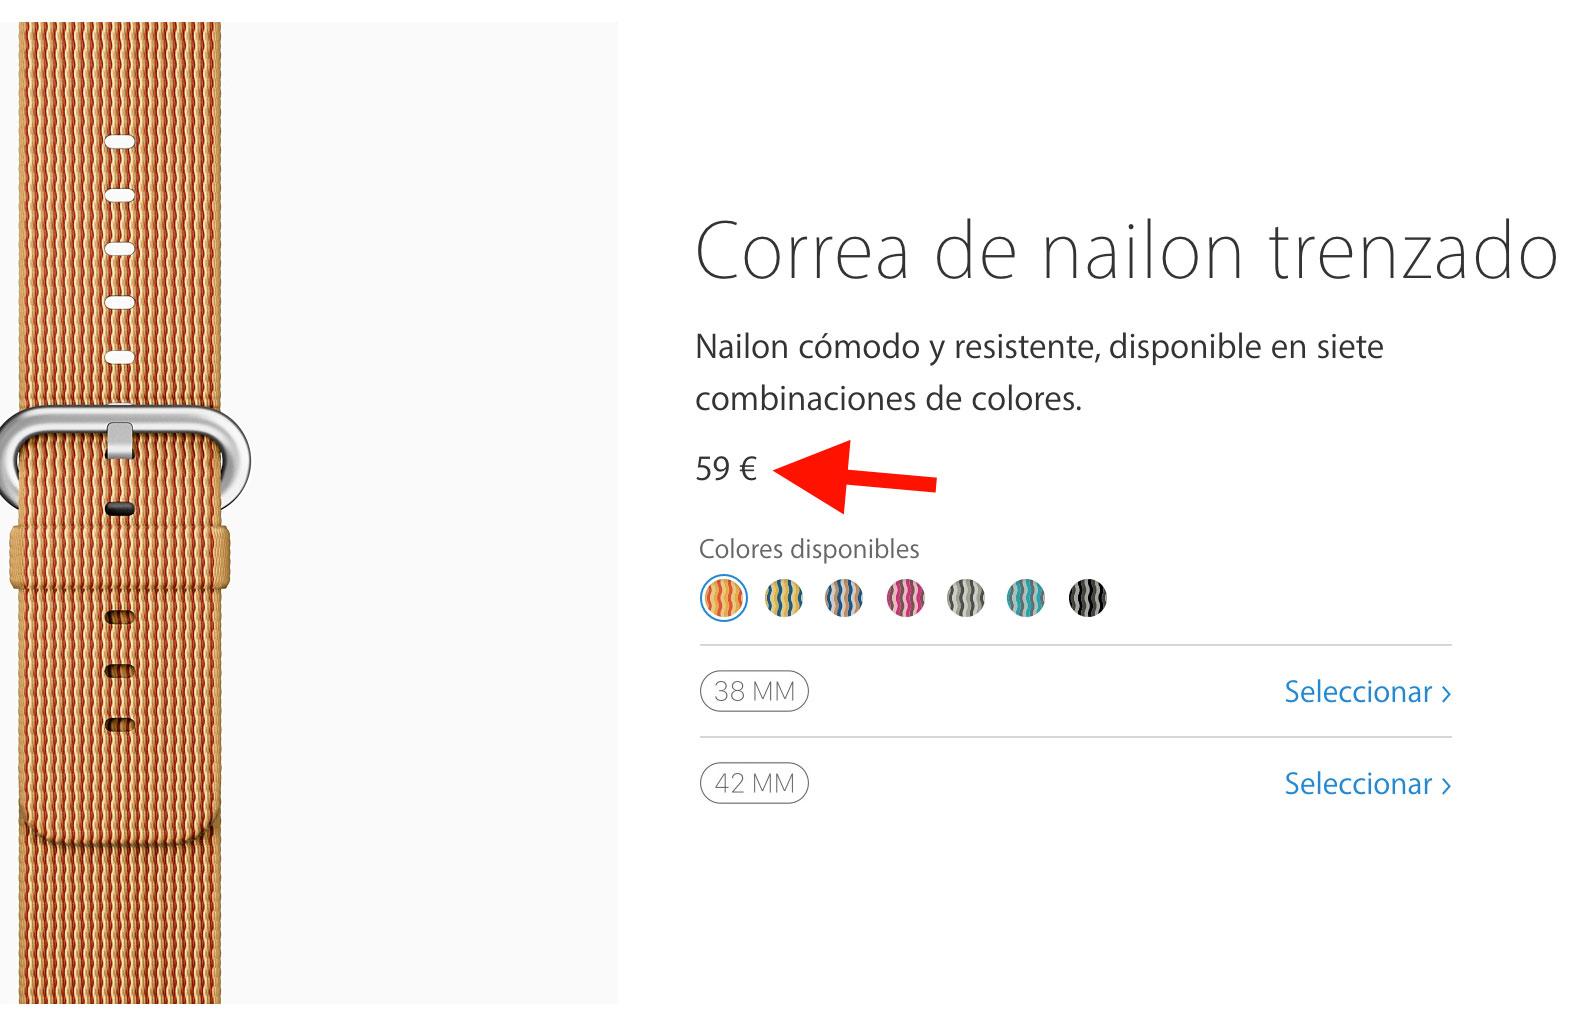 Precio de las correas de nailon trenzado en la web de Apple